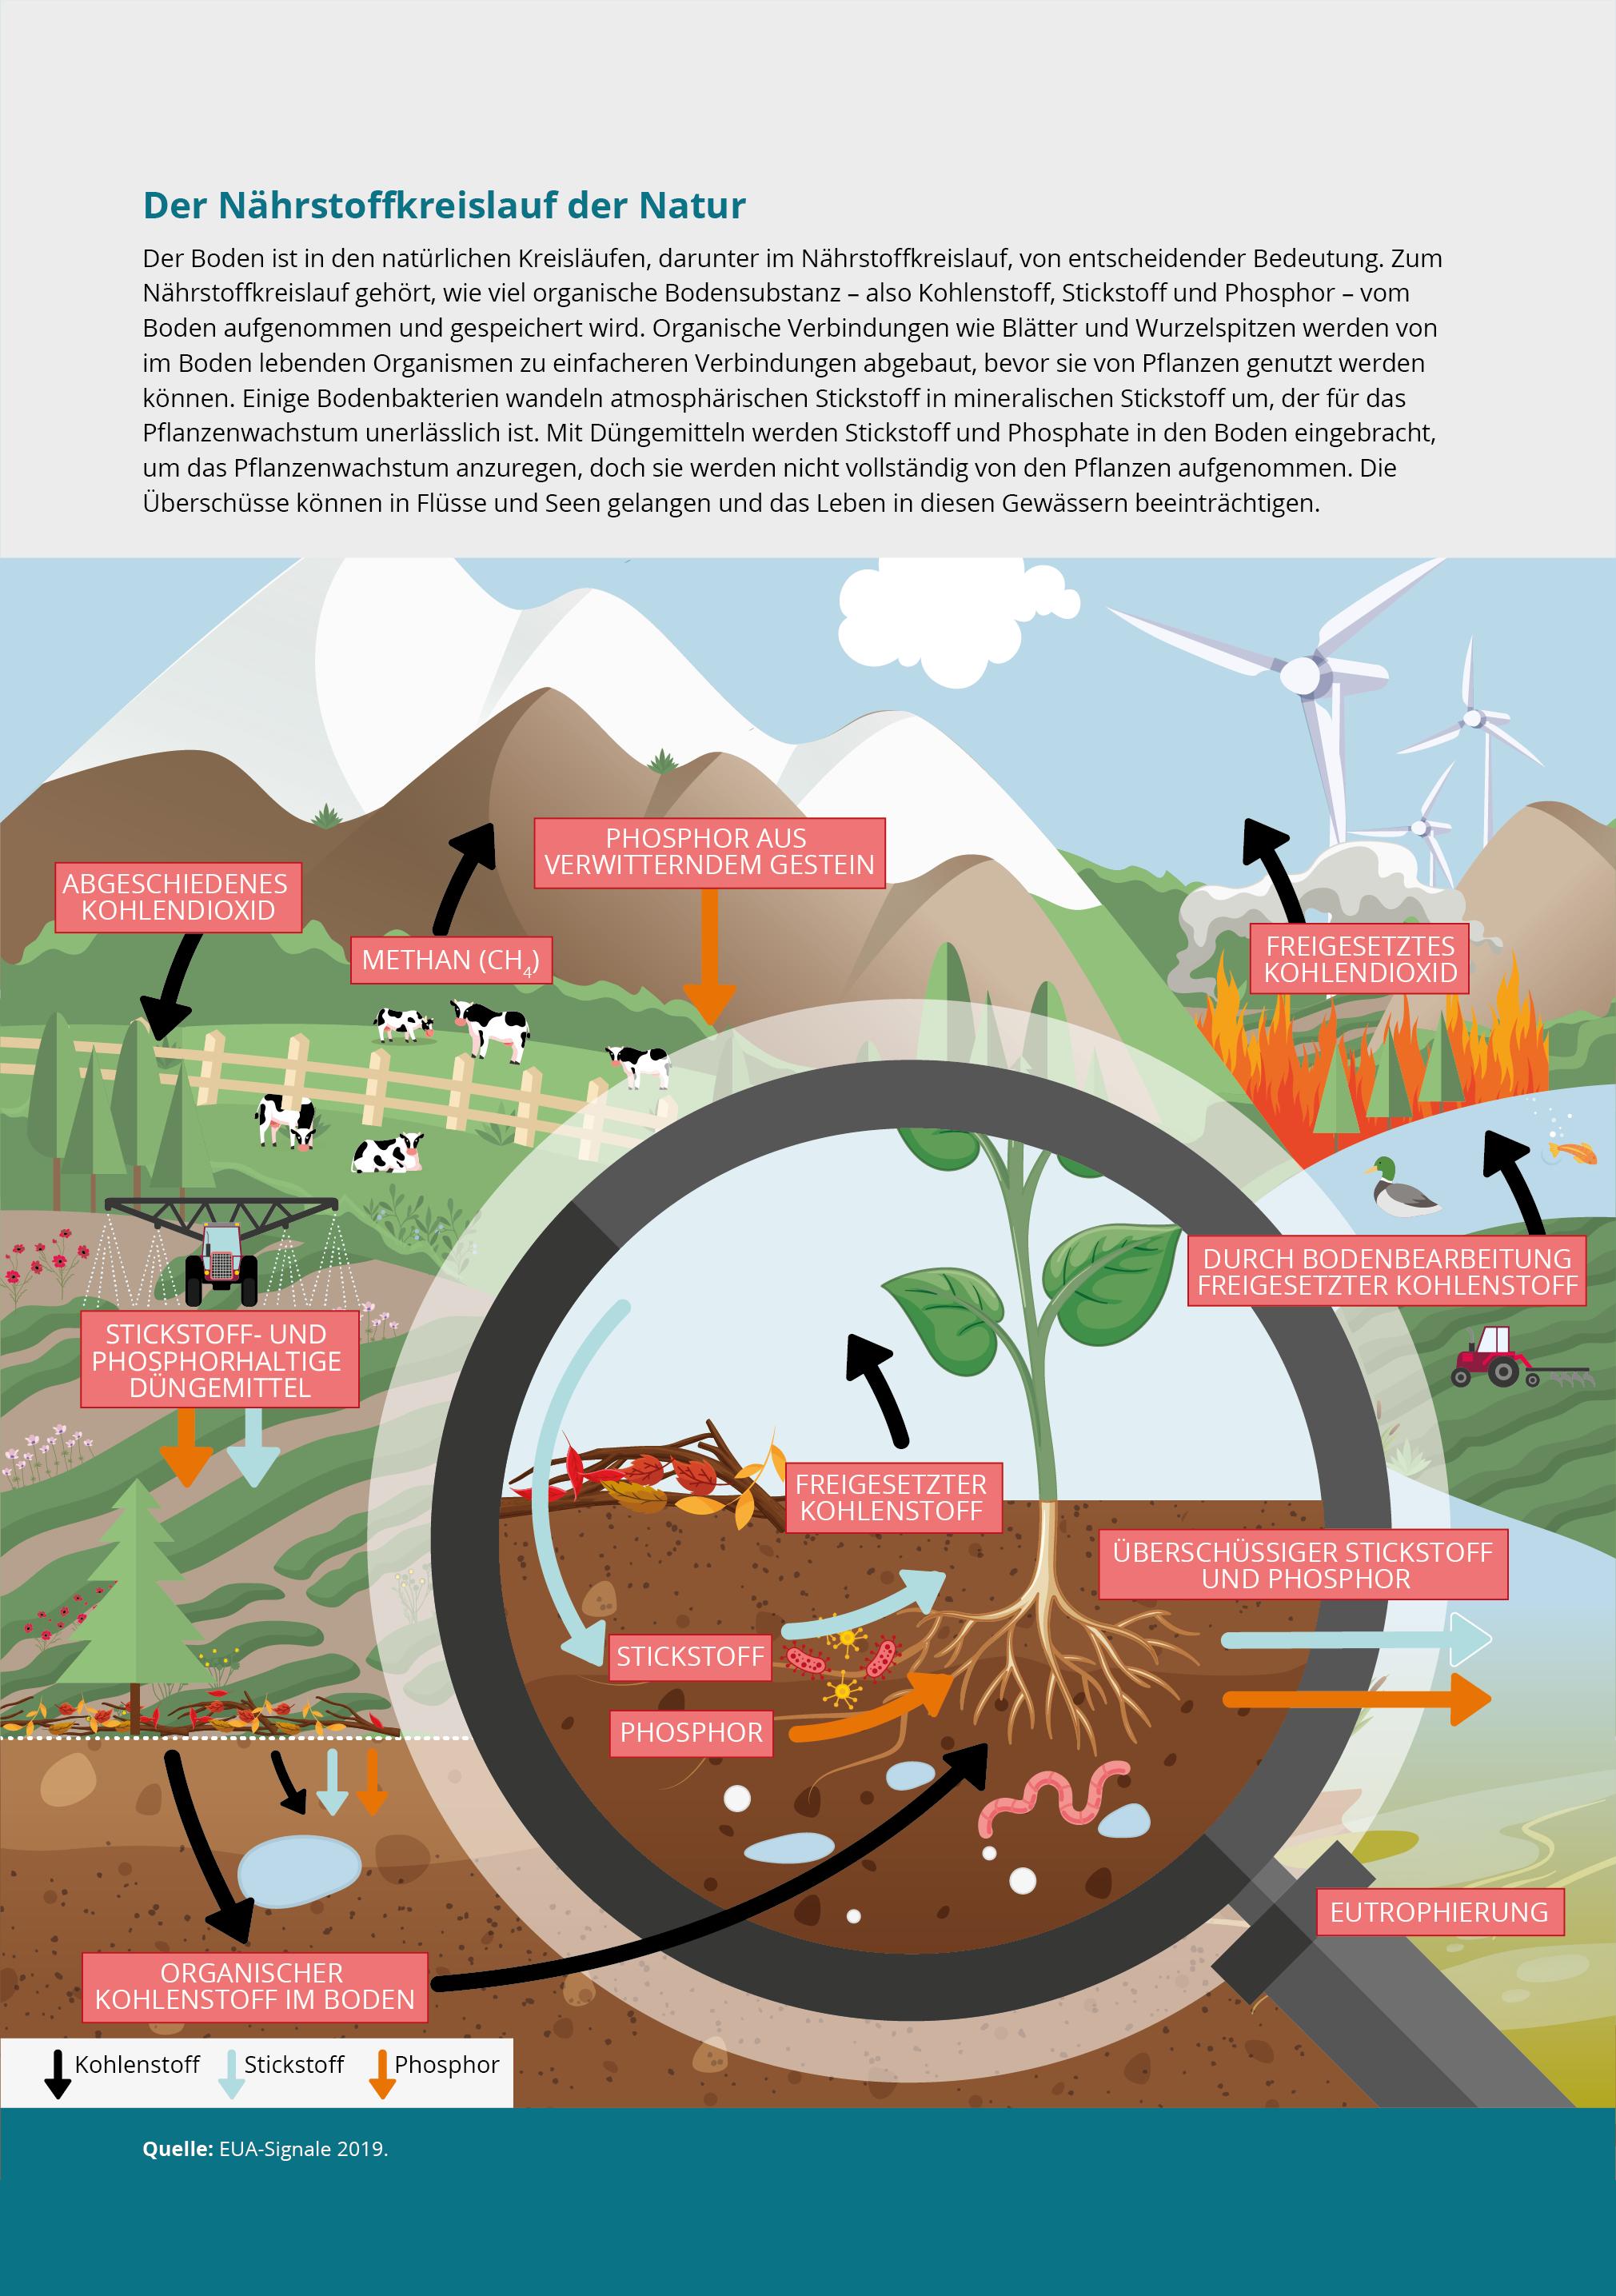 Der Nährstoffkreislauf der Natur